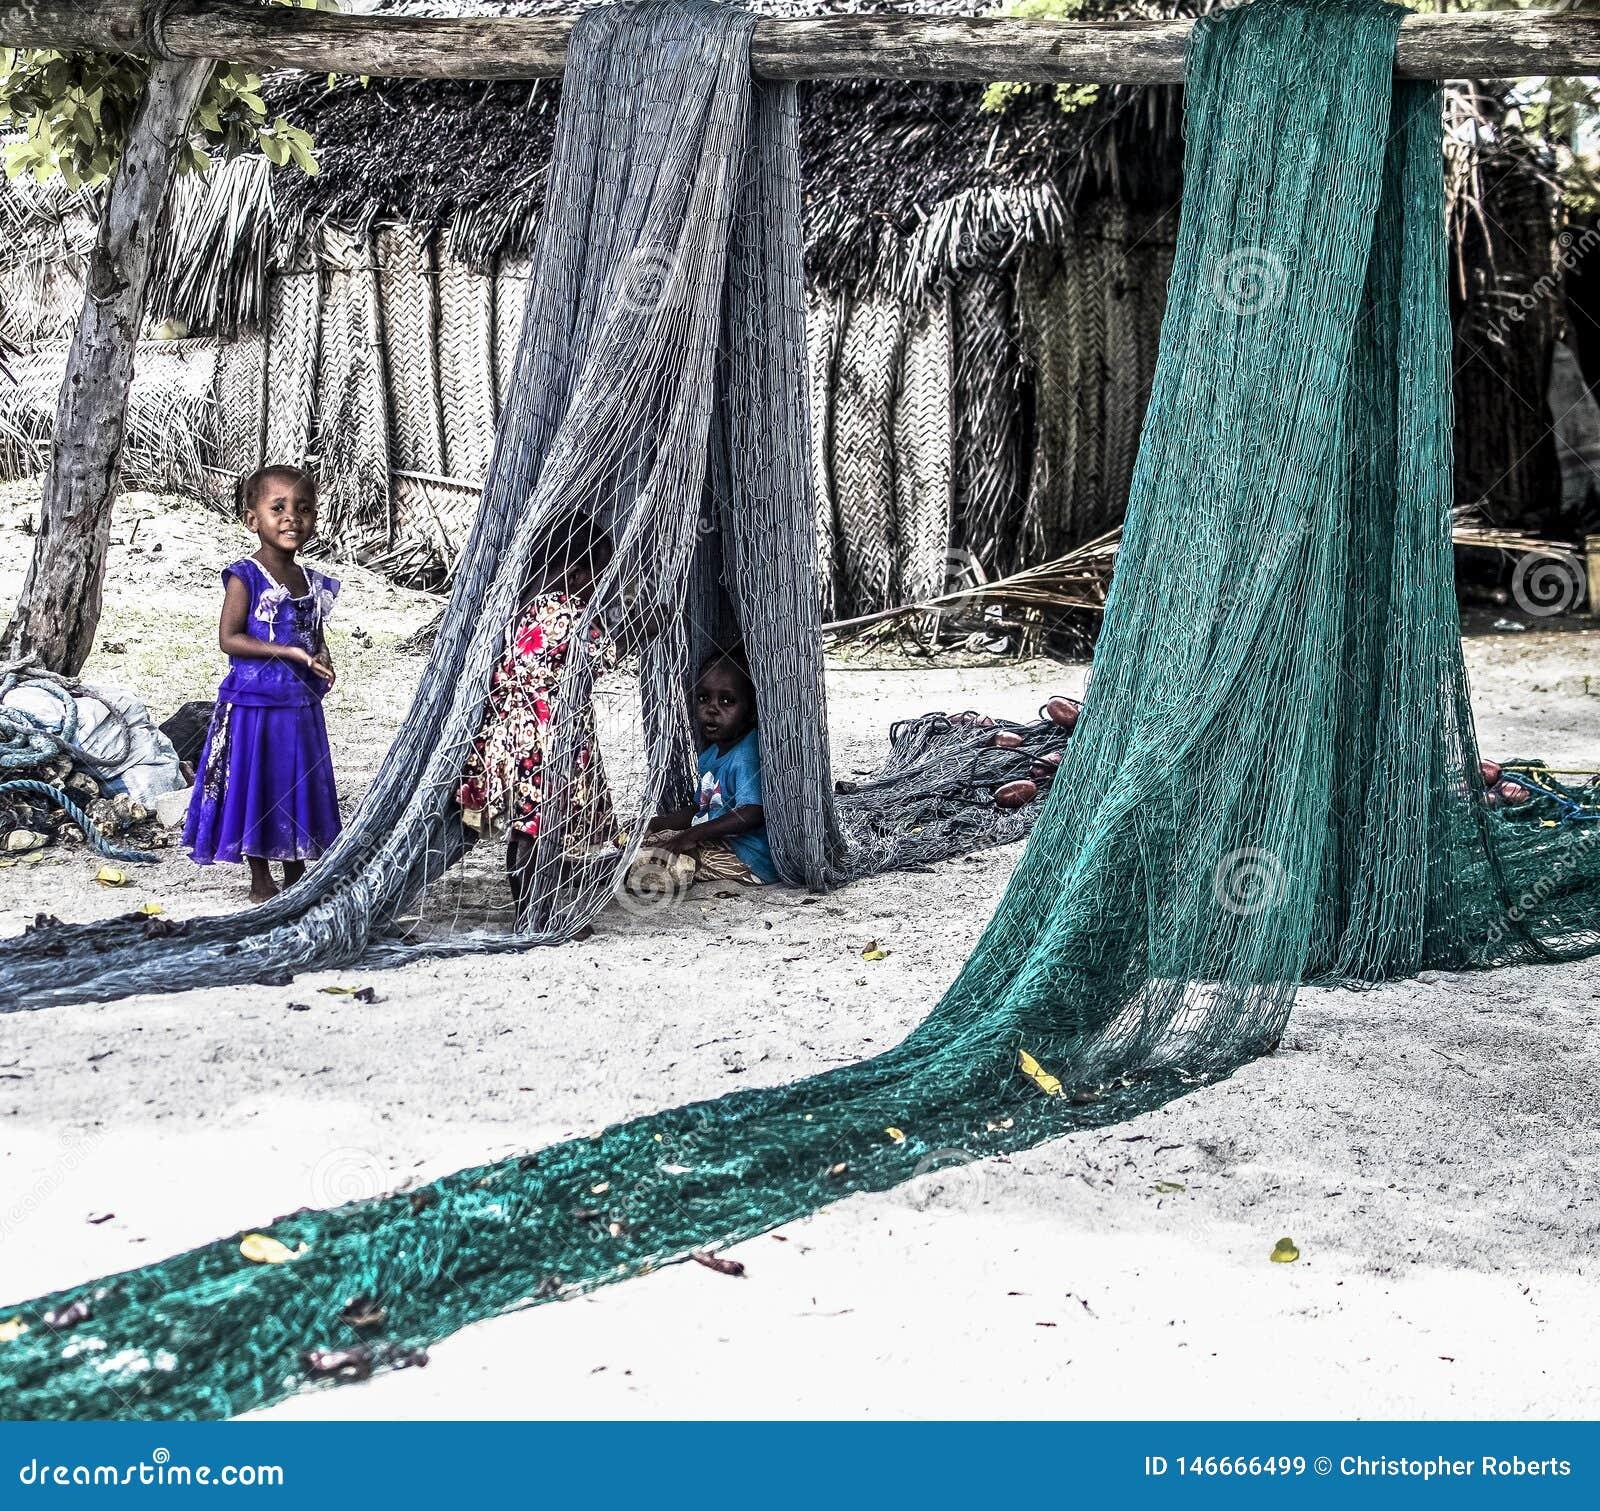 Children Playing with Fish Nets in Zanzibar